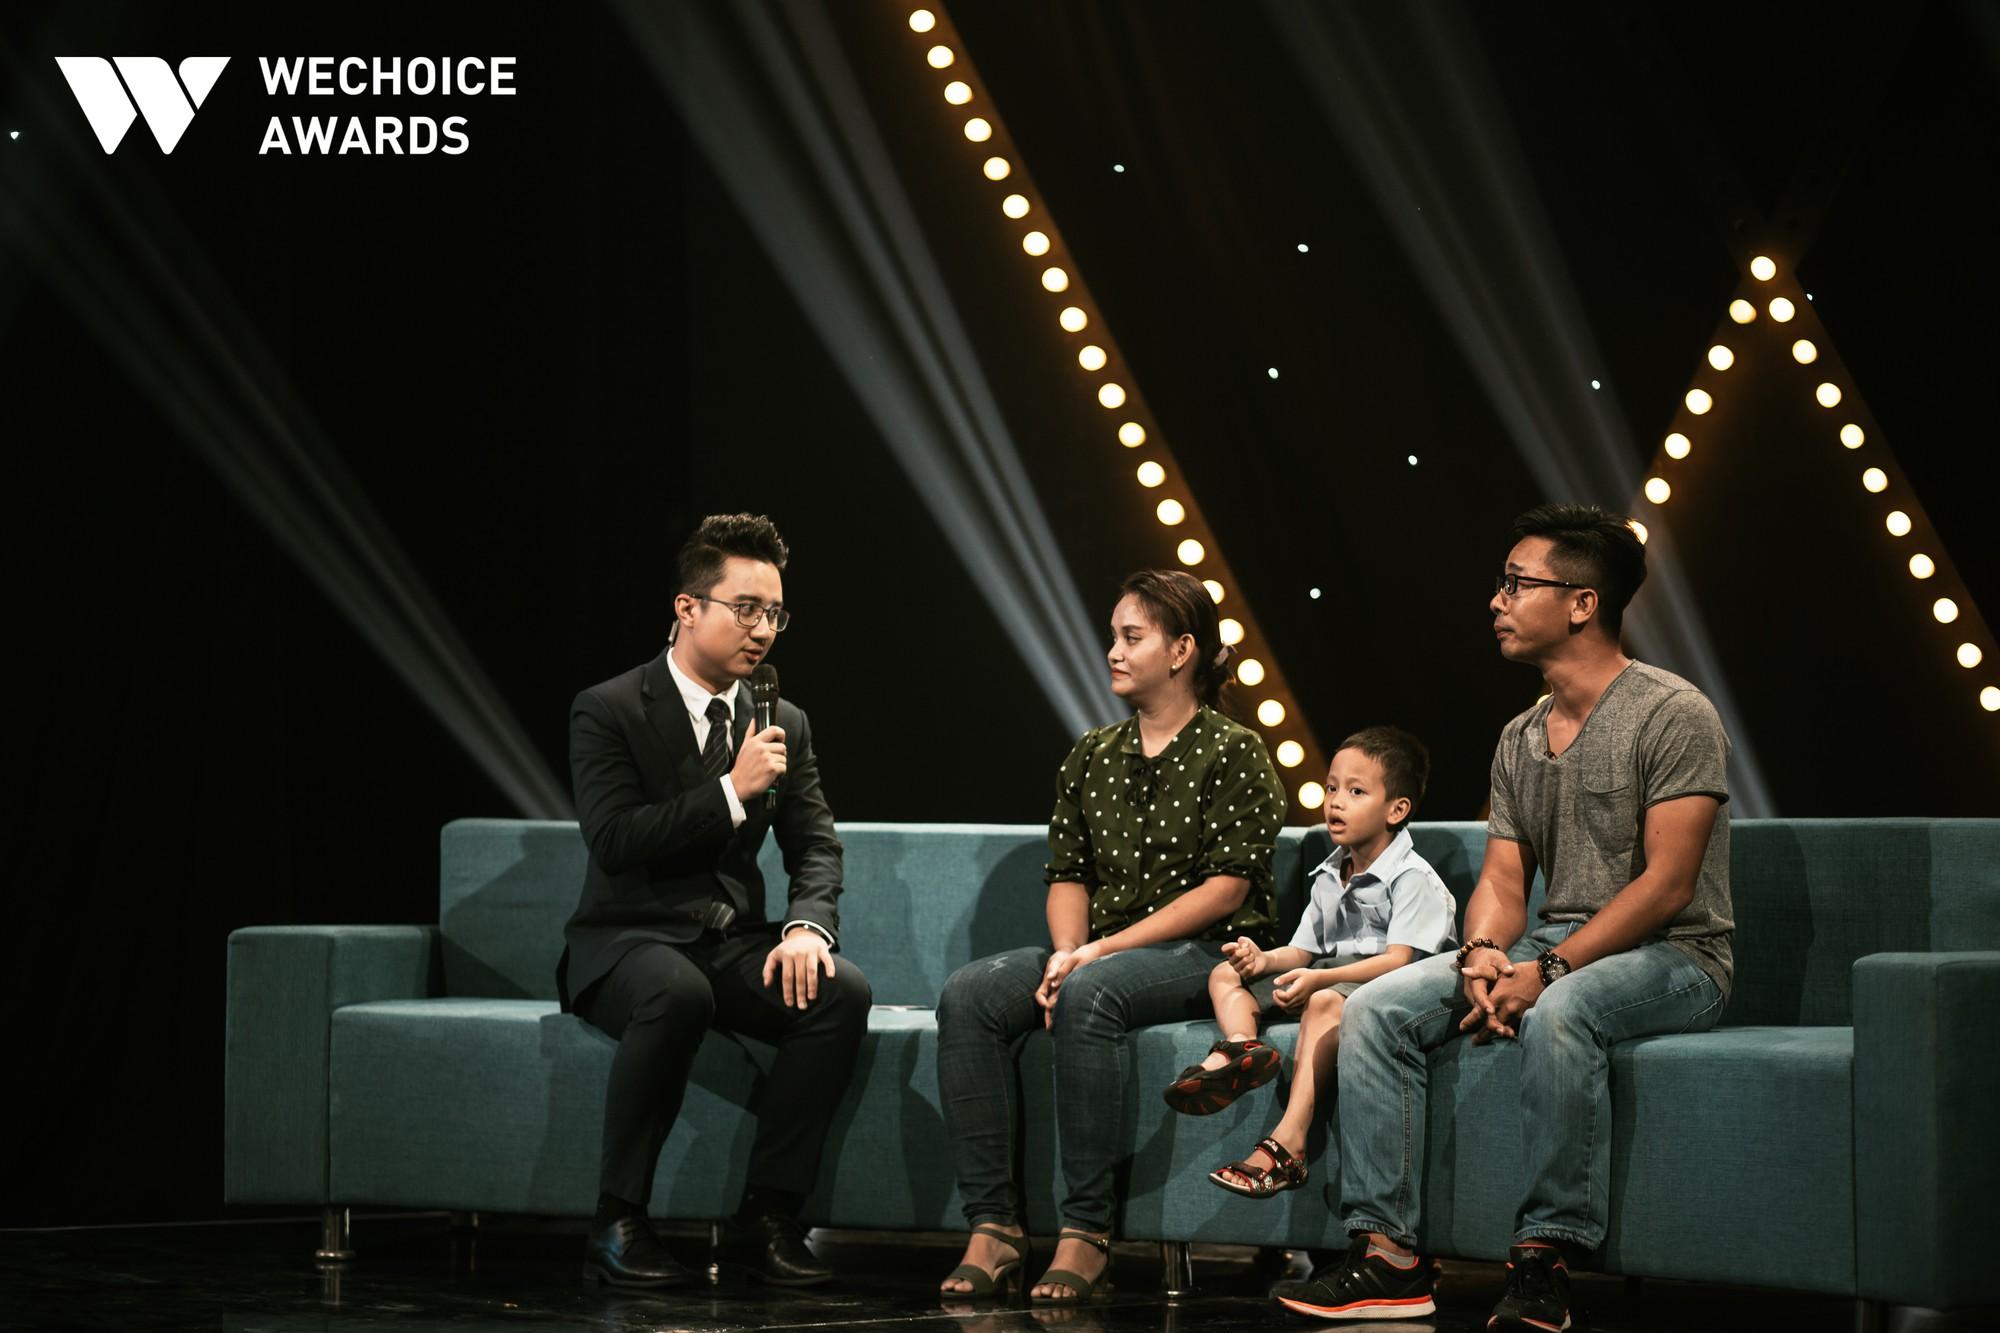 Mẹ cậu bé xếp dép bật khóc trên sóng truyền hình khi nhắc đến ước mơ thành hiện thực: Có việc làm để nuôi con - Ảnh 6.